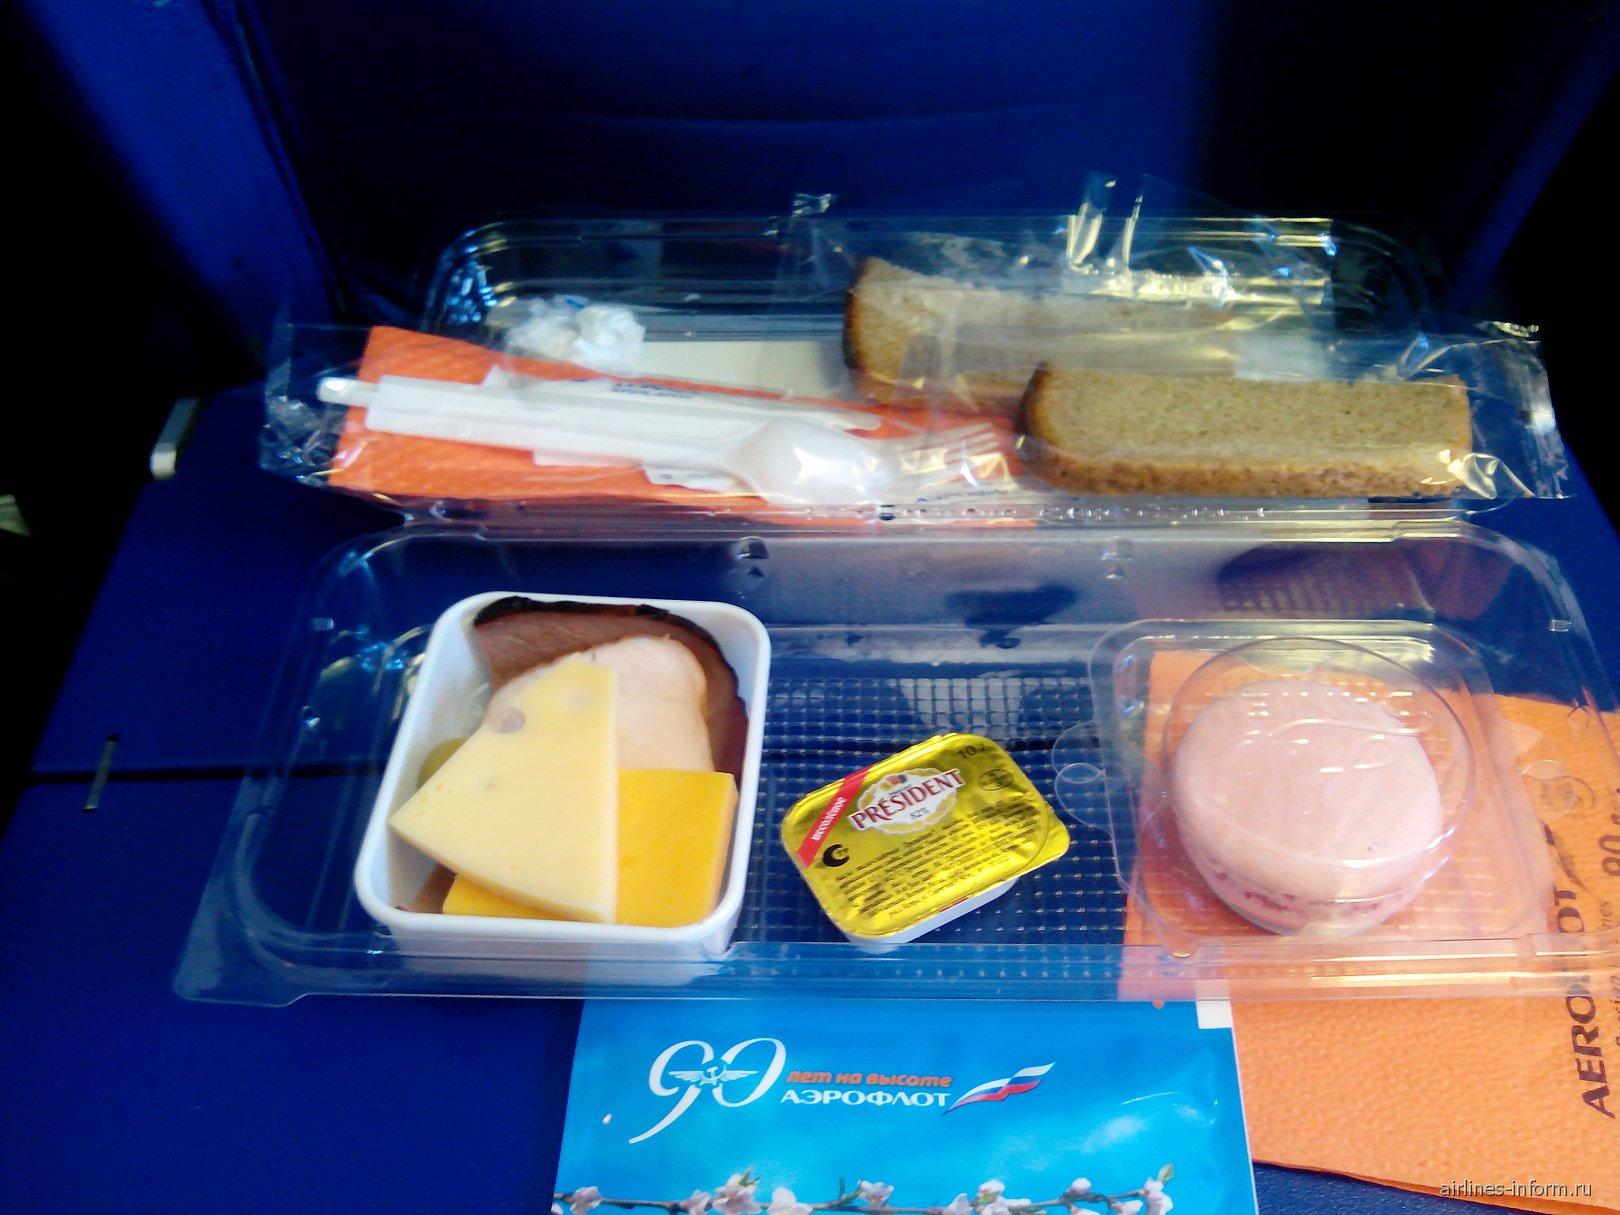 Питание на рейсе Сочи-Москва Аэрофлота